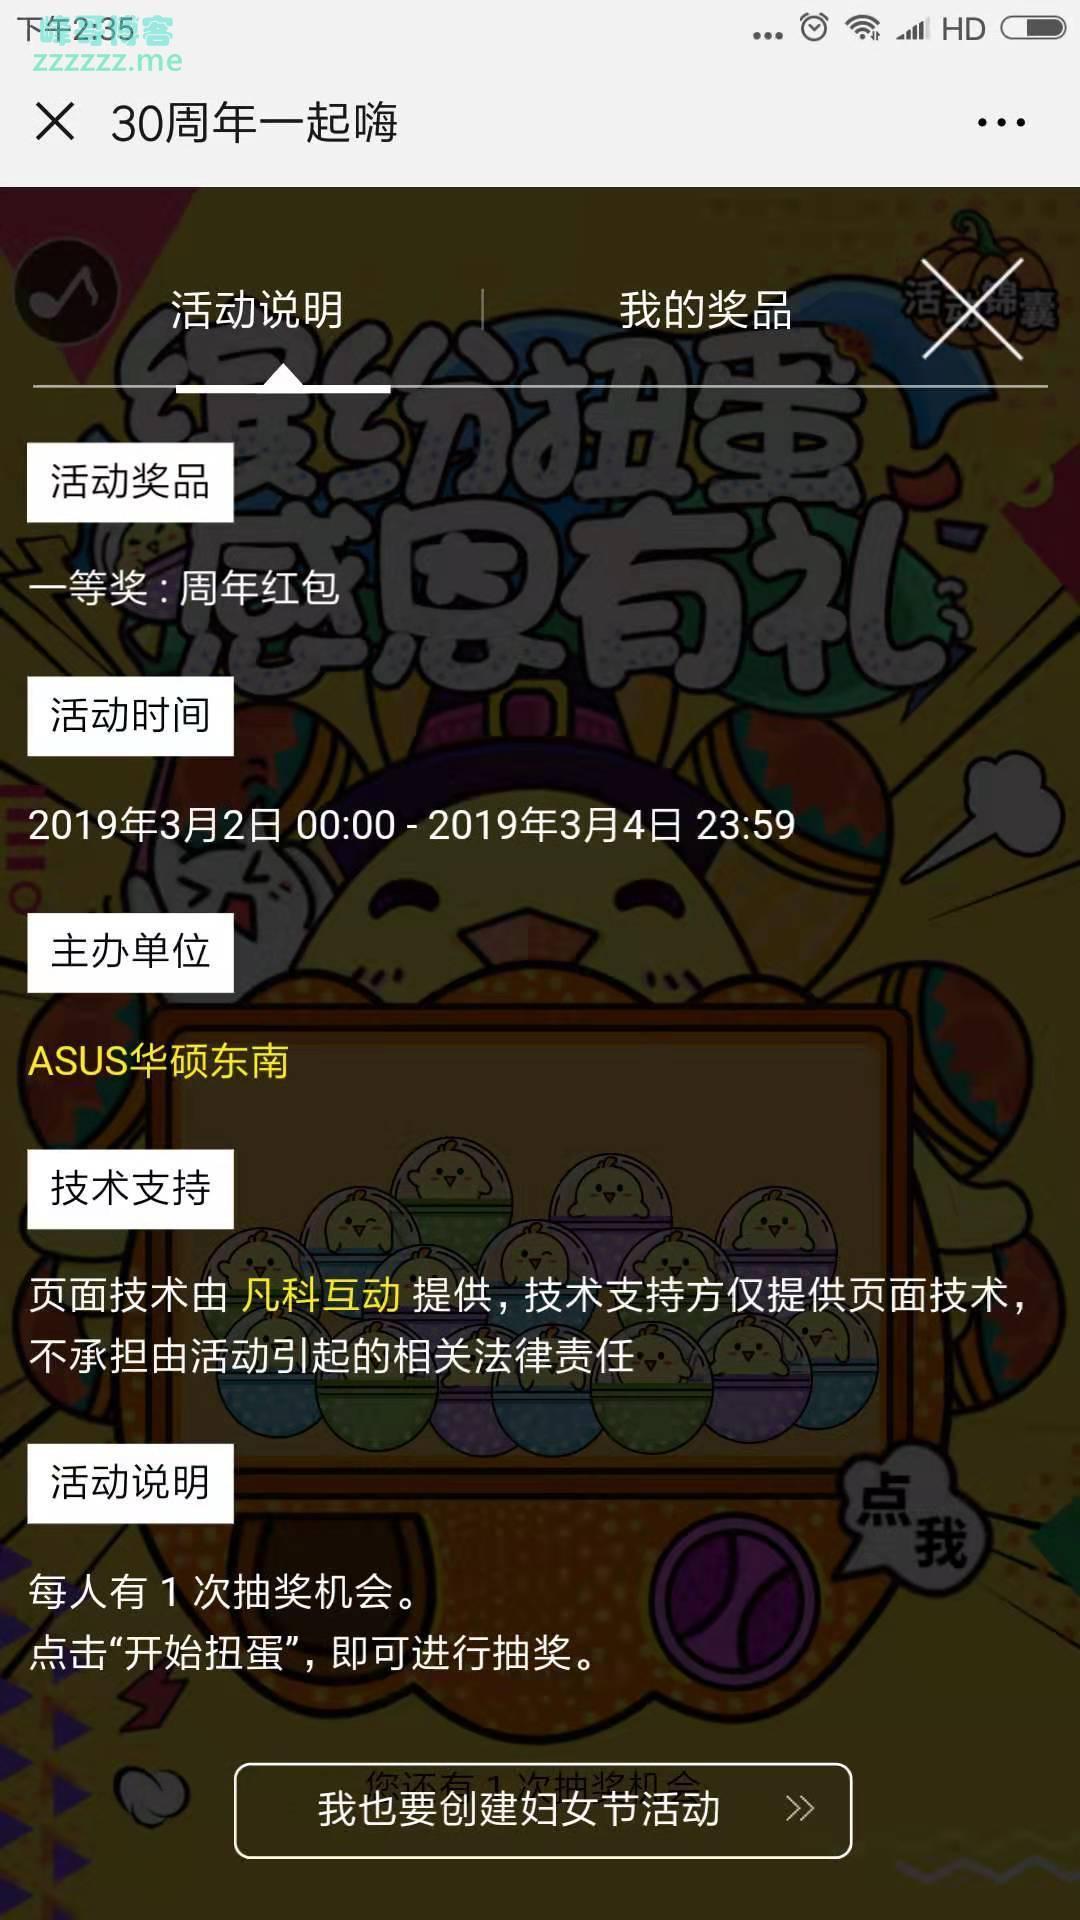 <ASUS华硕东南>30周年礼(截至3月4日)